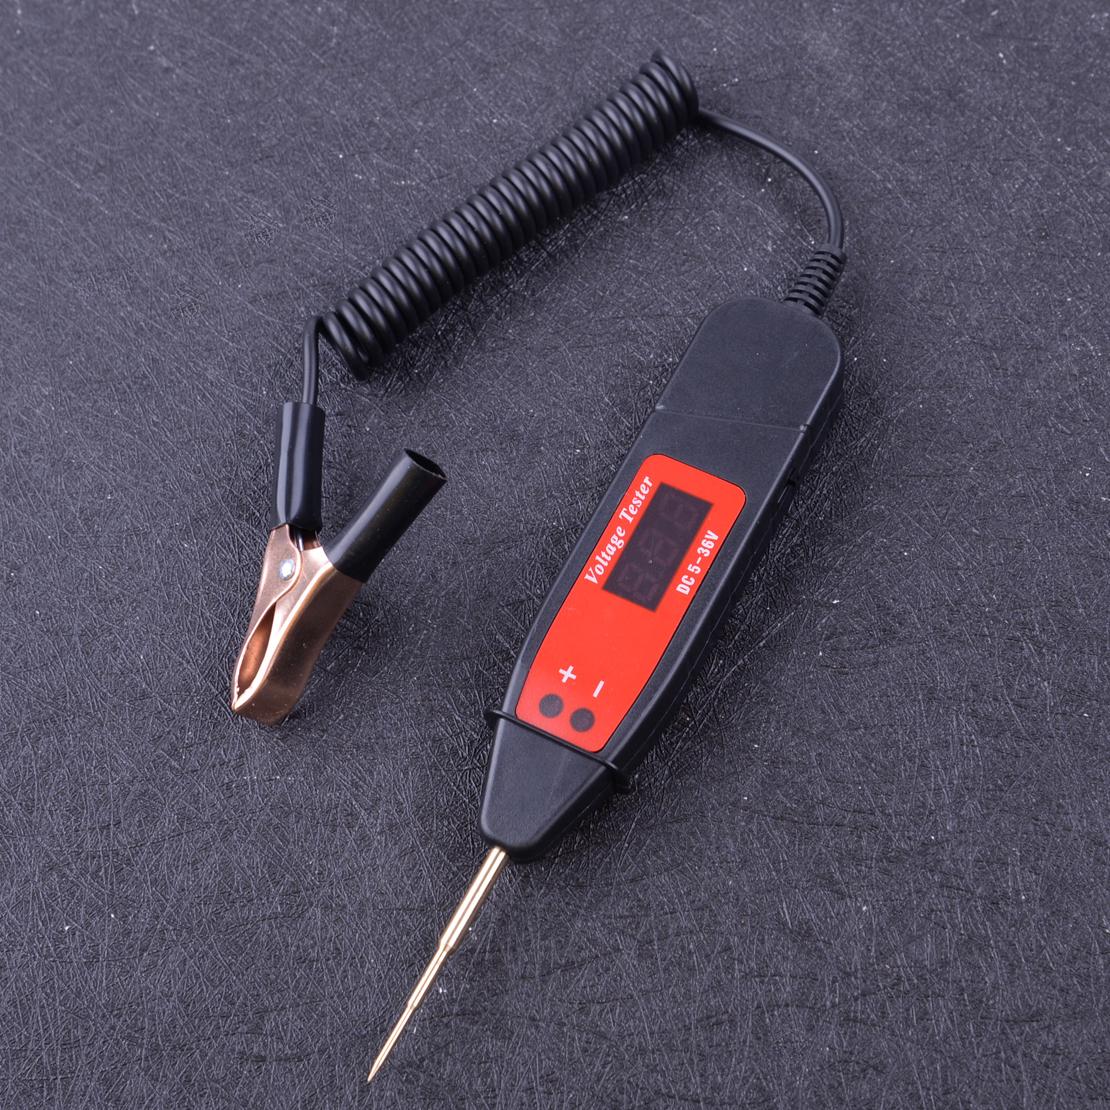 5-36V Digital Car Fuse Electric Circuit Probe Tester Voltmeter Voltage Indicator